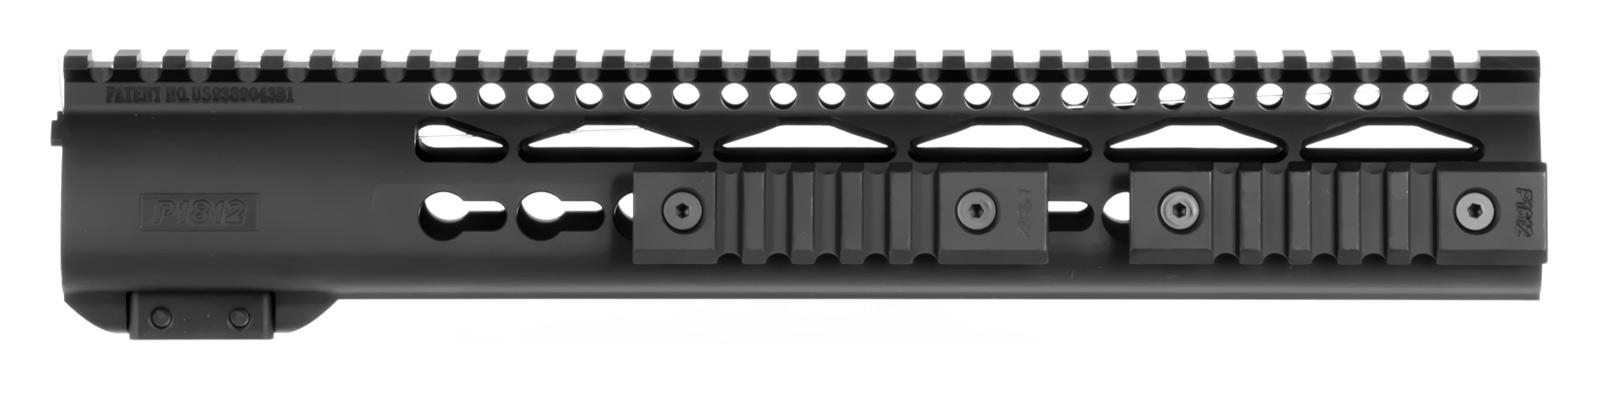 ar-15-rail-12-fw-ii-keymod-ar-15-handguard-rail